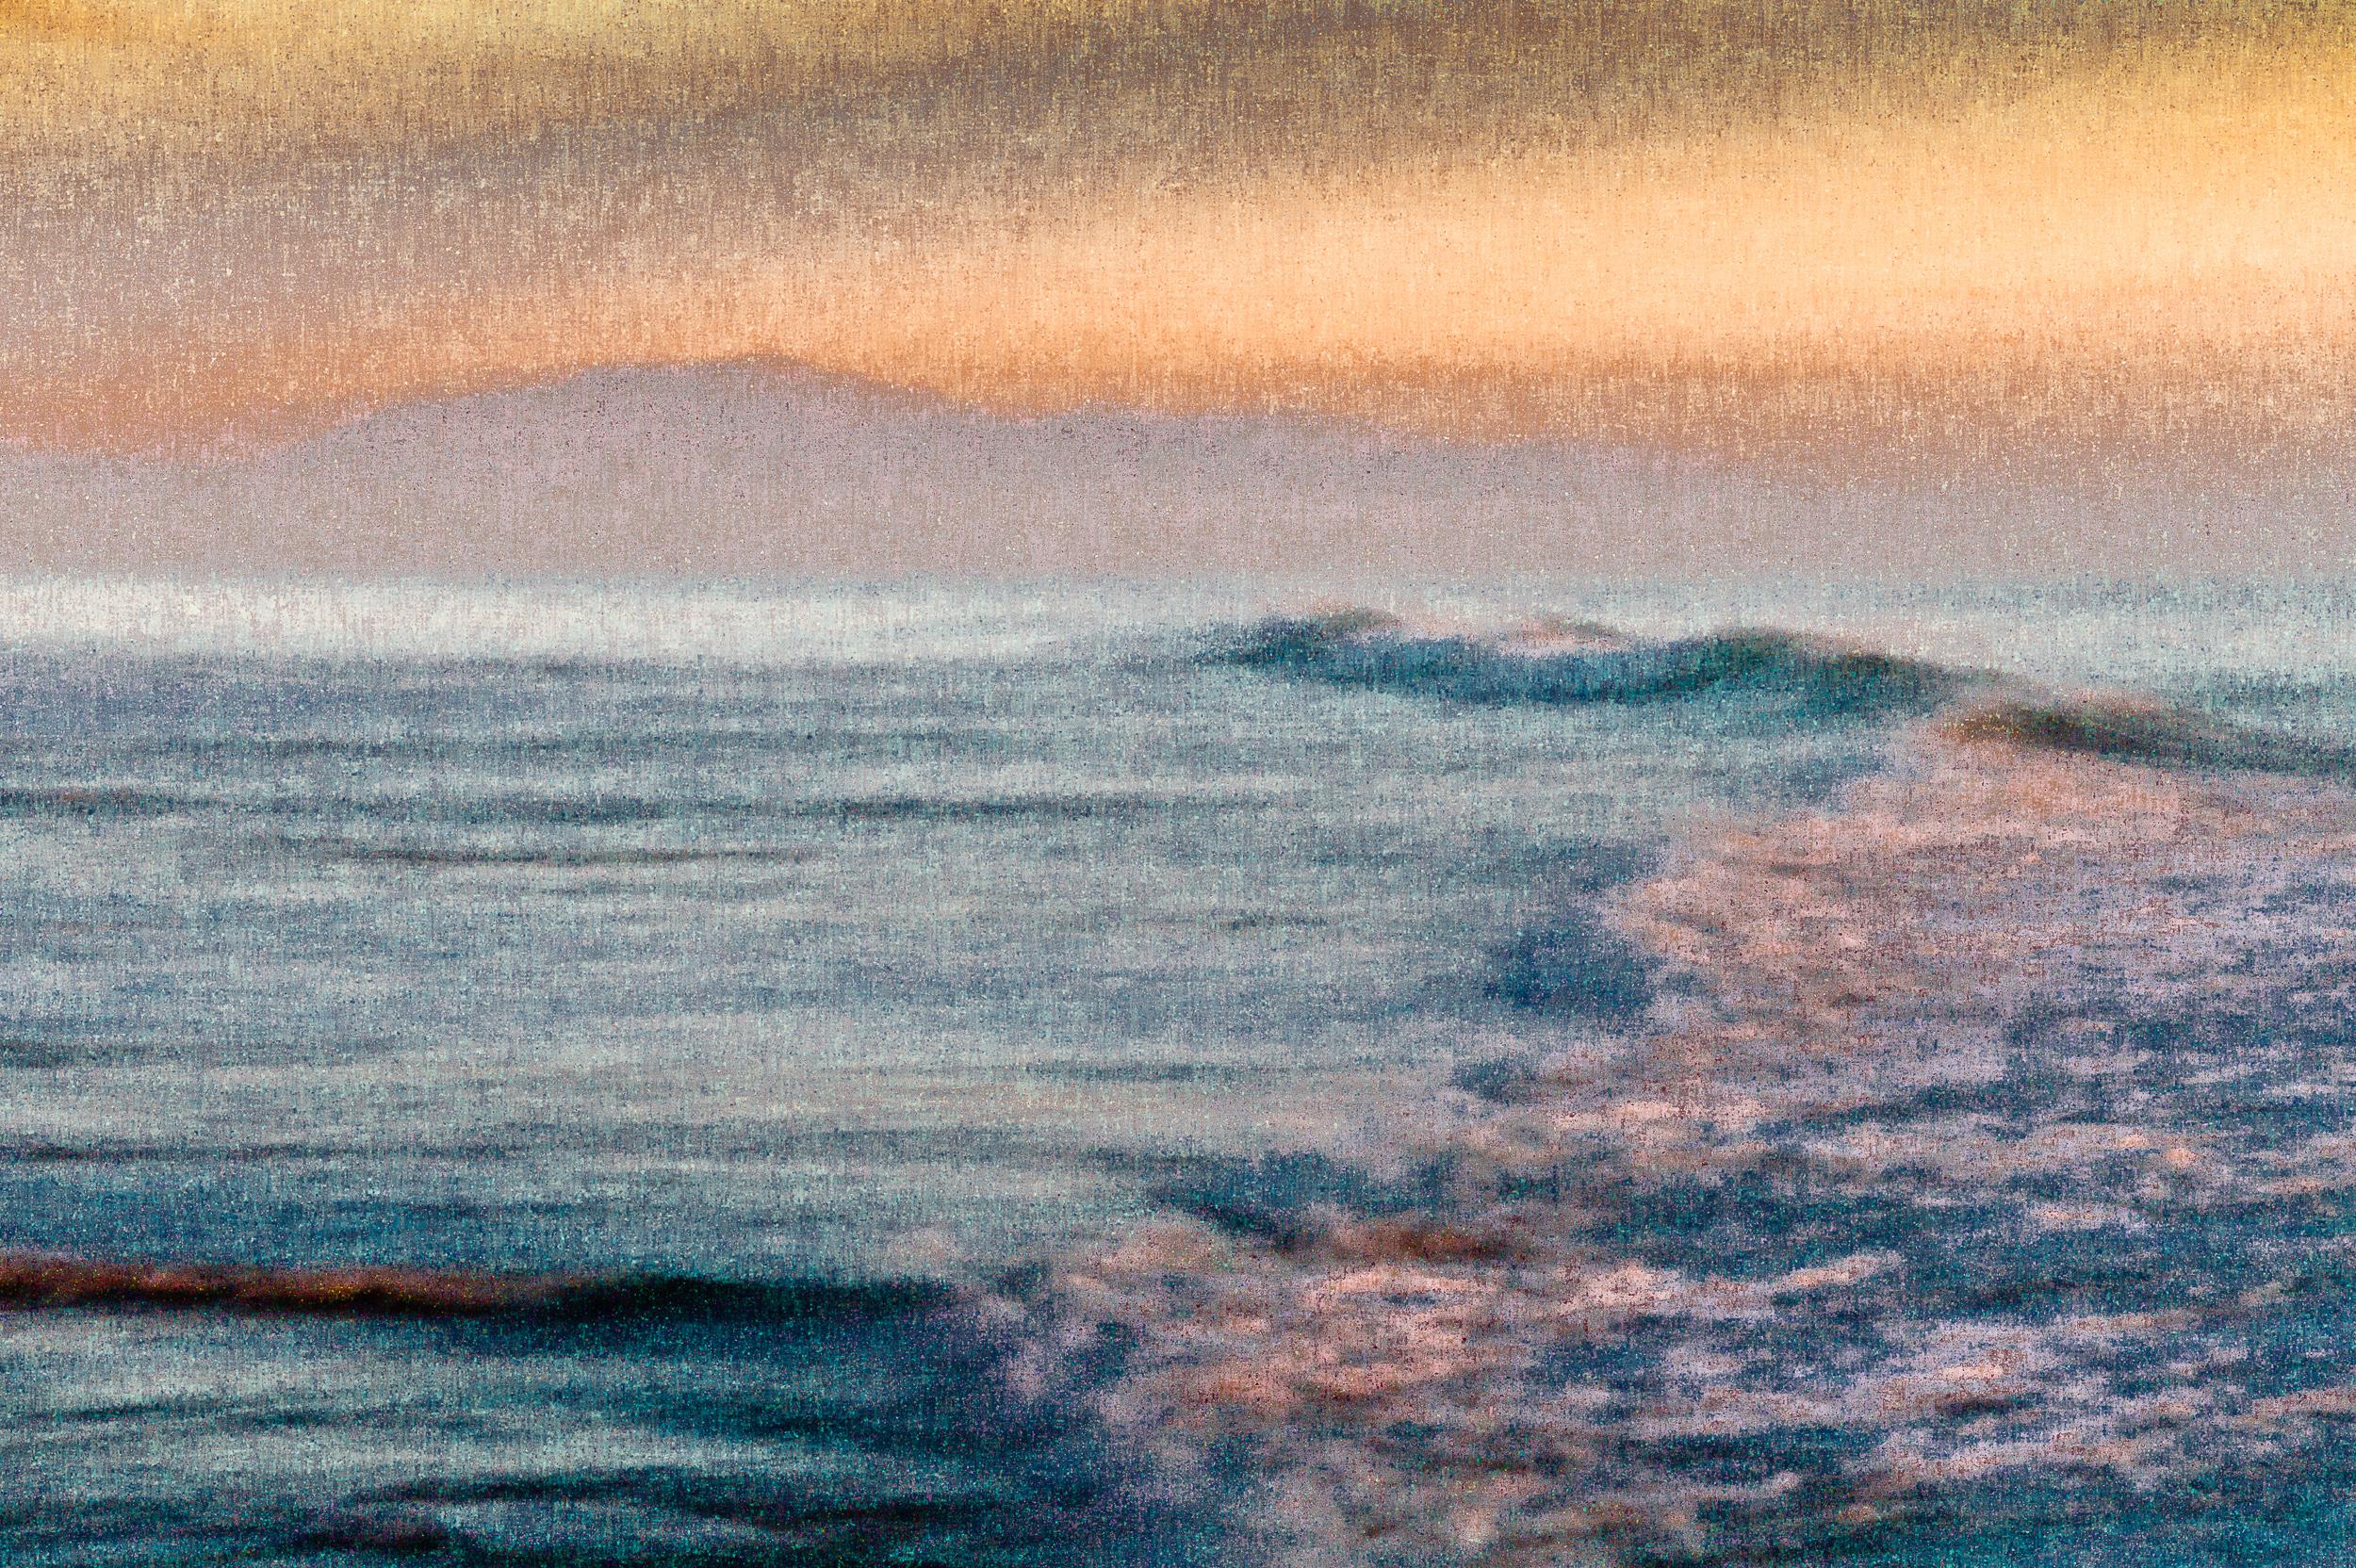 Wave no. 6443